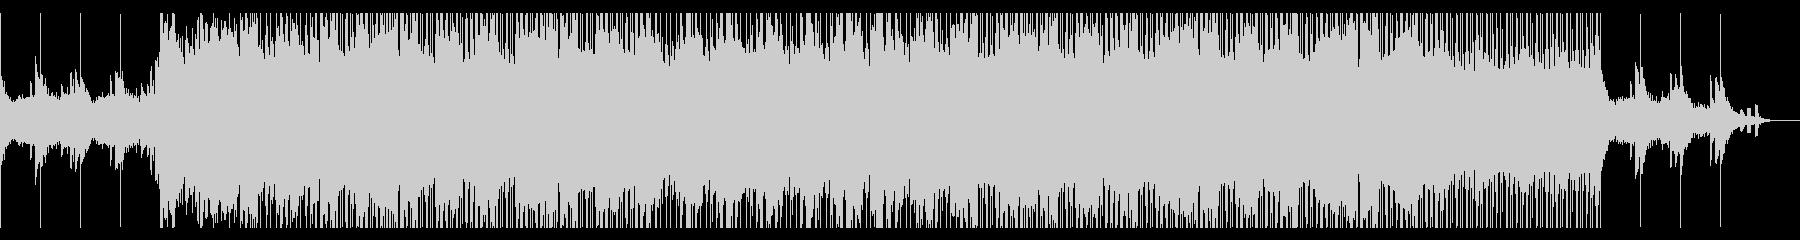 疾走感のある和風ピアノドラムンベースの未再生の波形